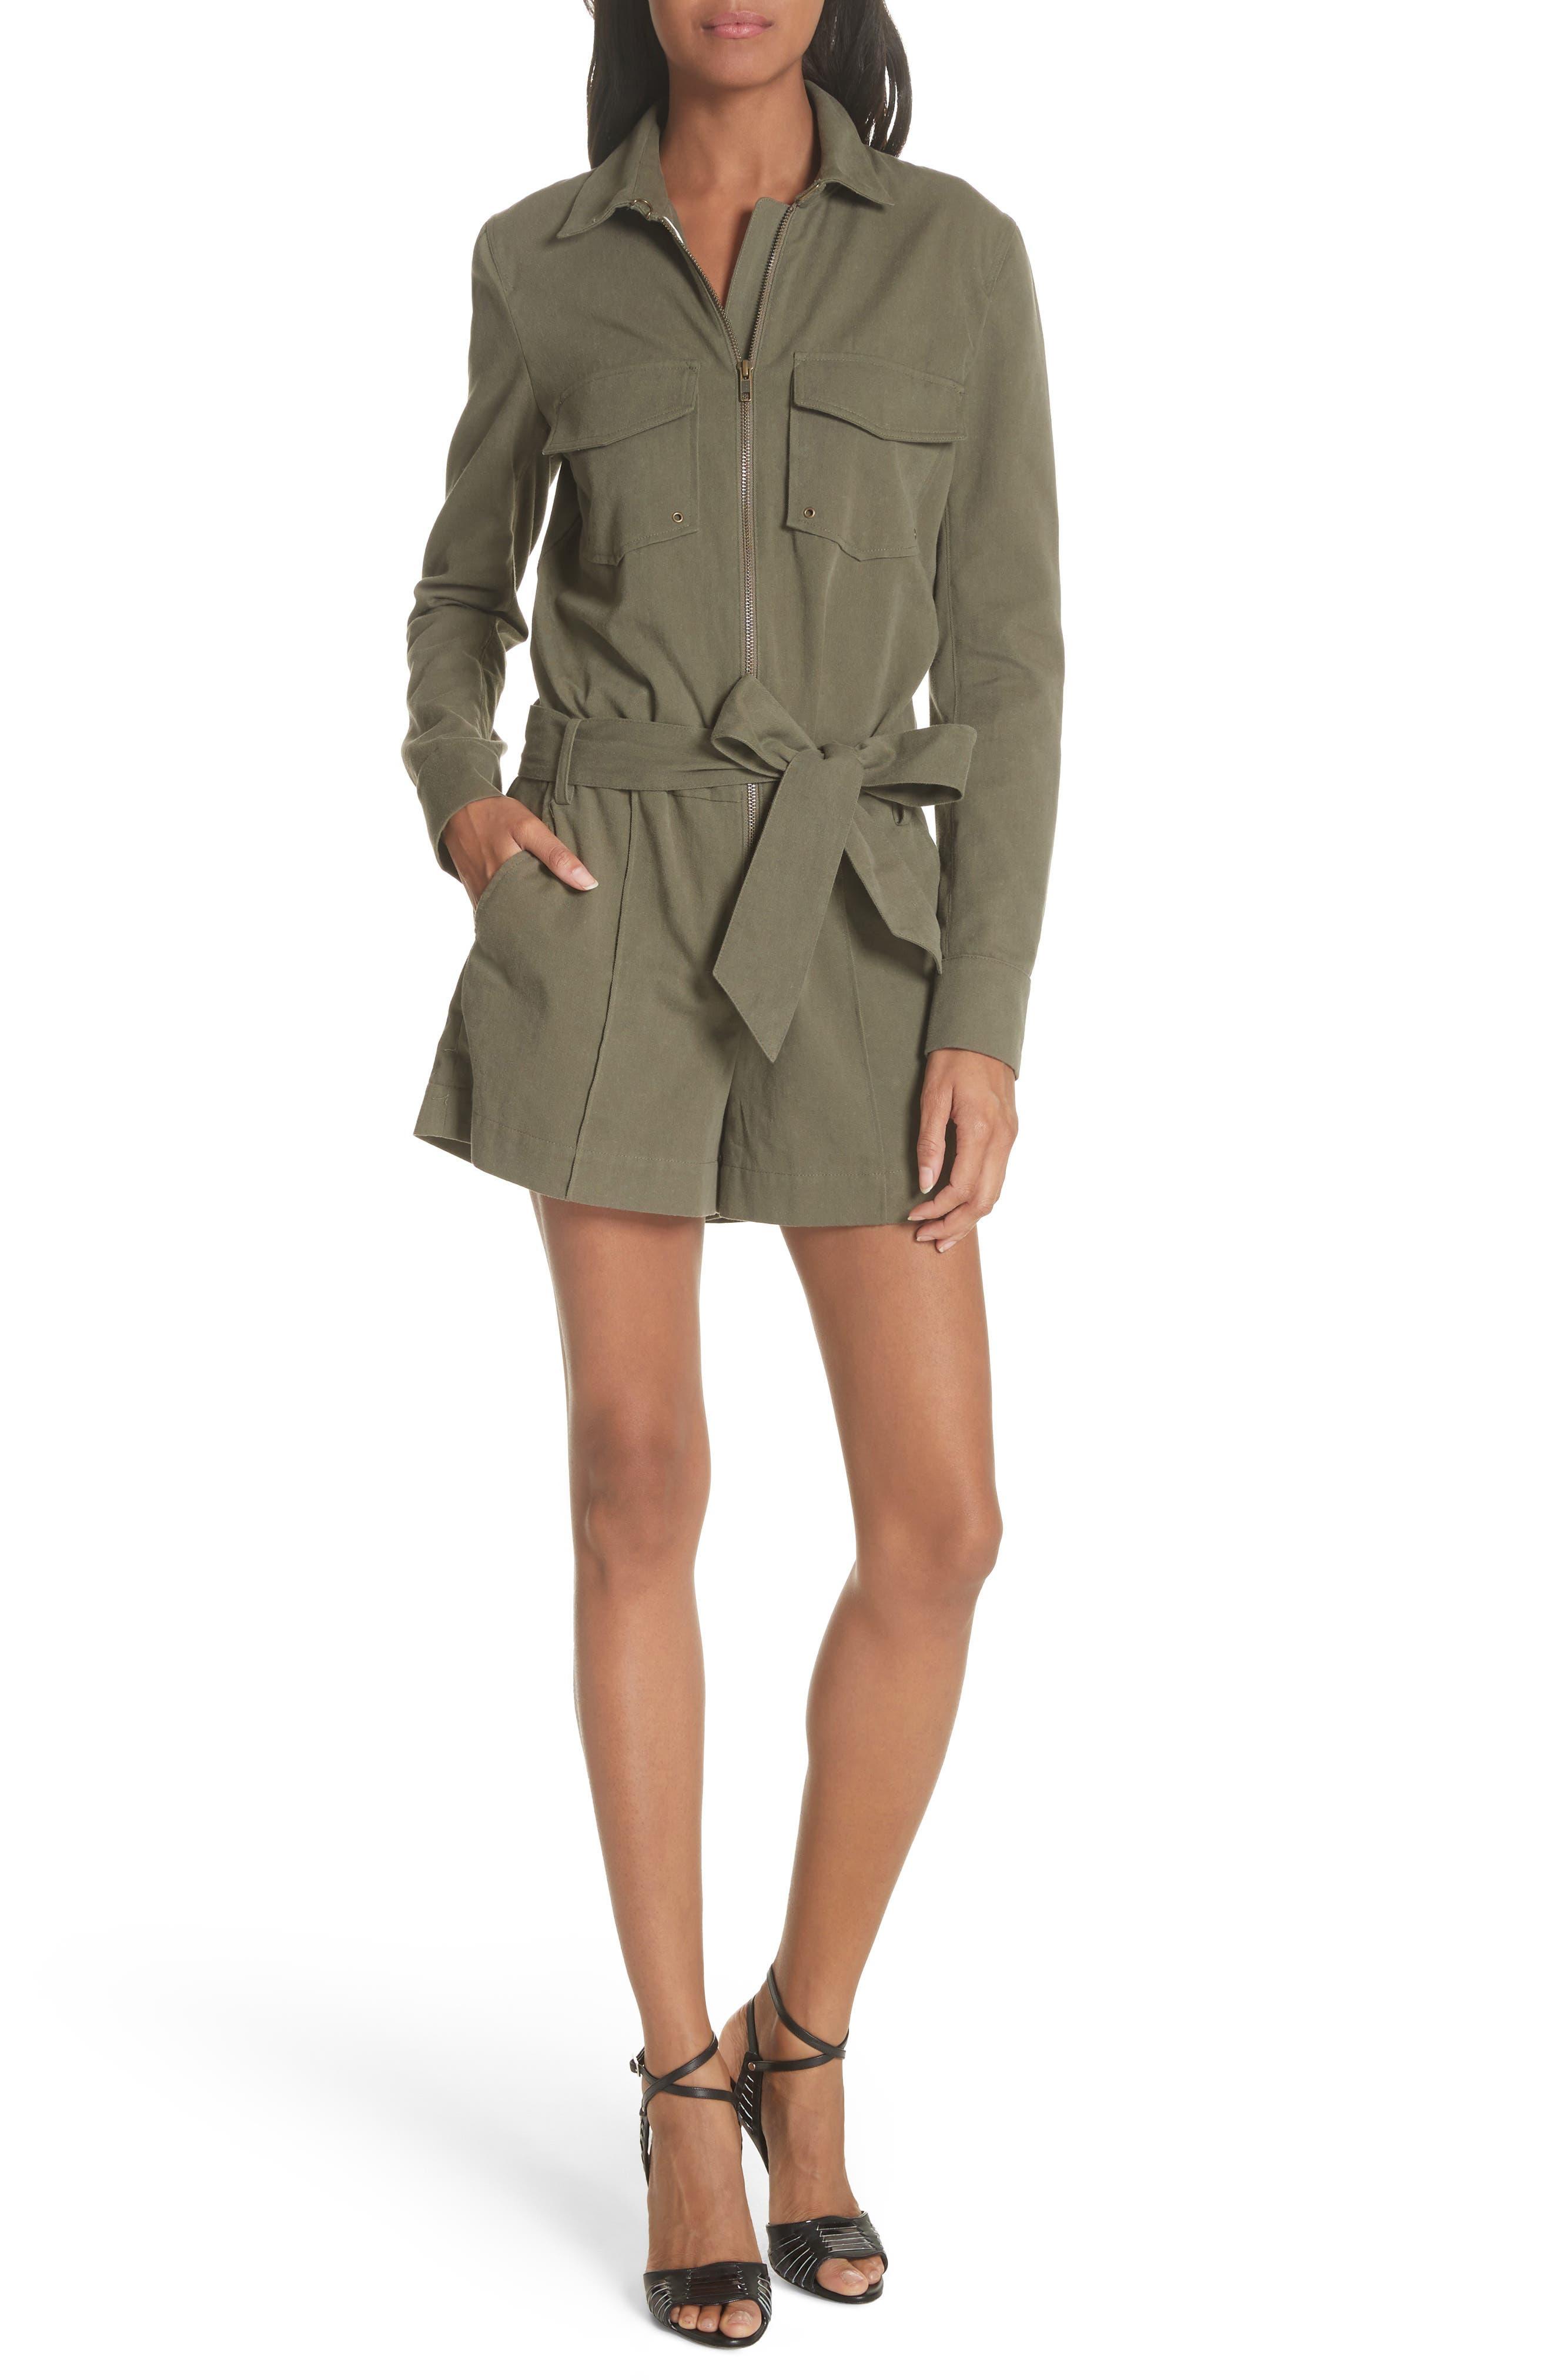 Raquel Cotton Romper,                         Main,                         color, Army Green